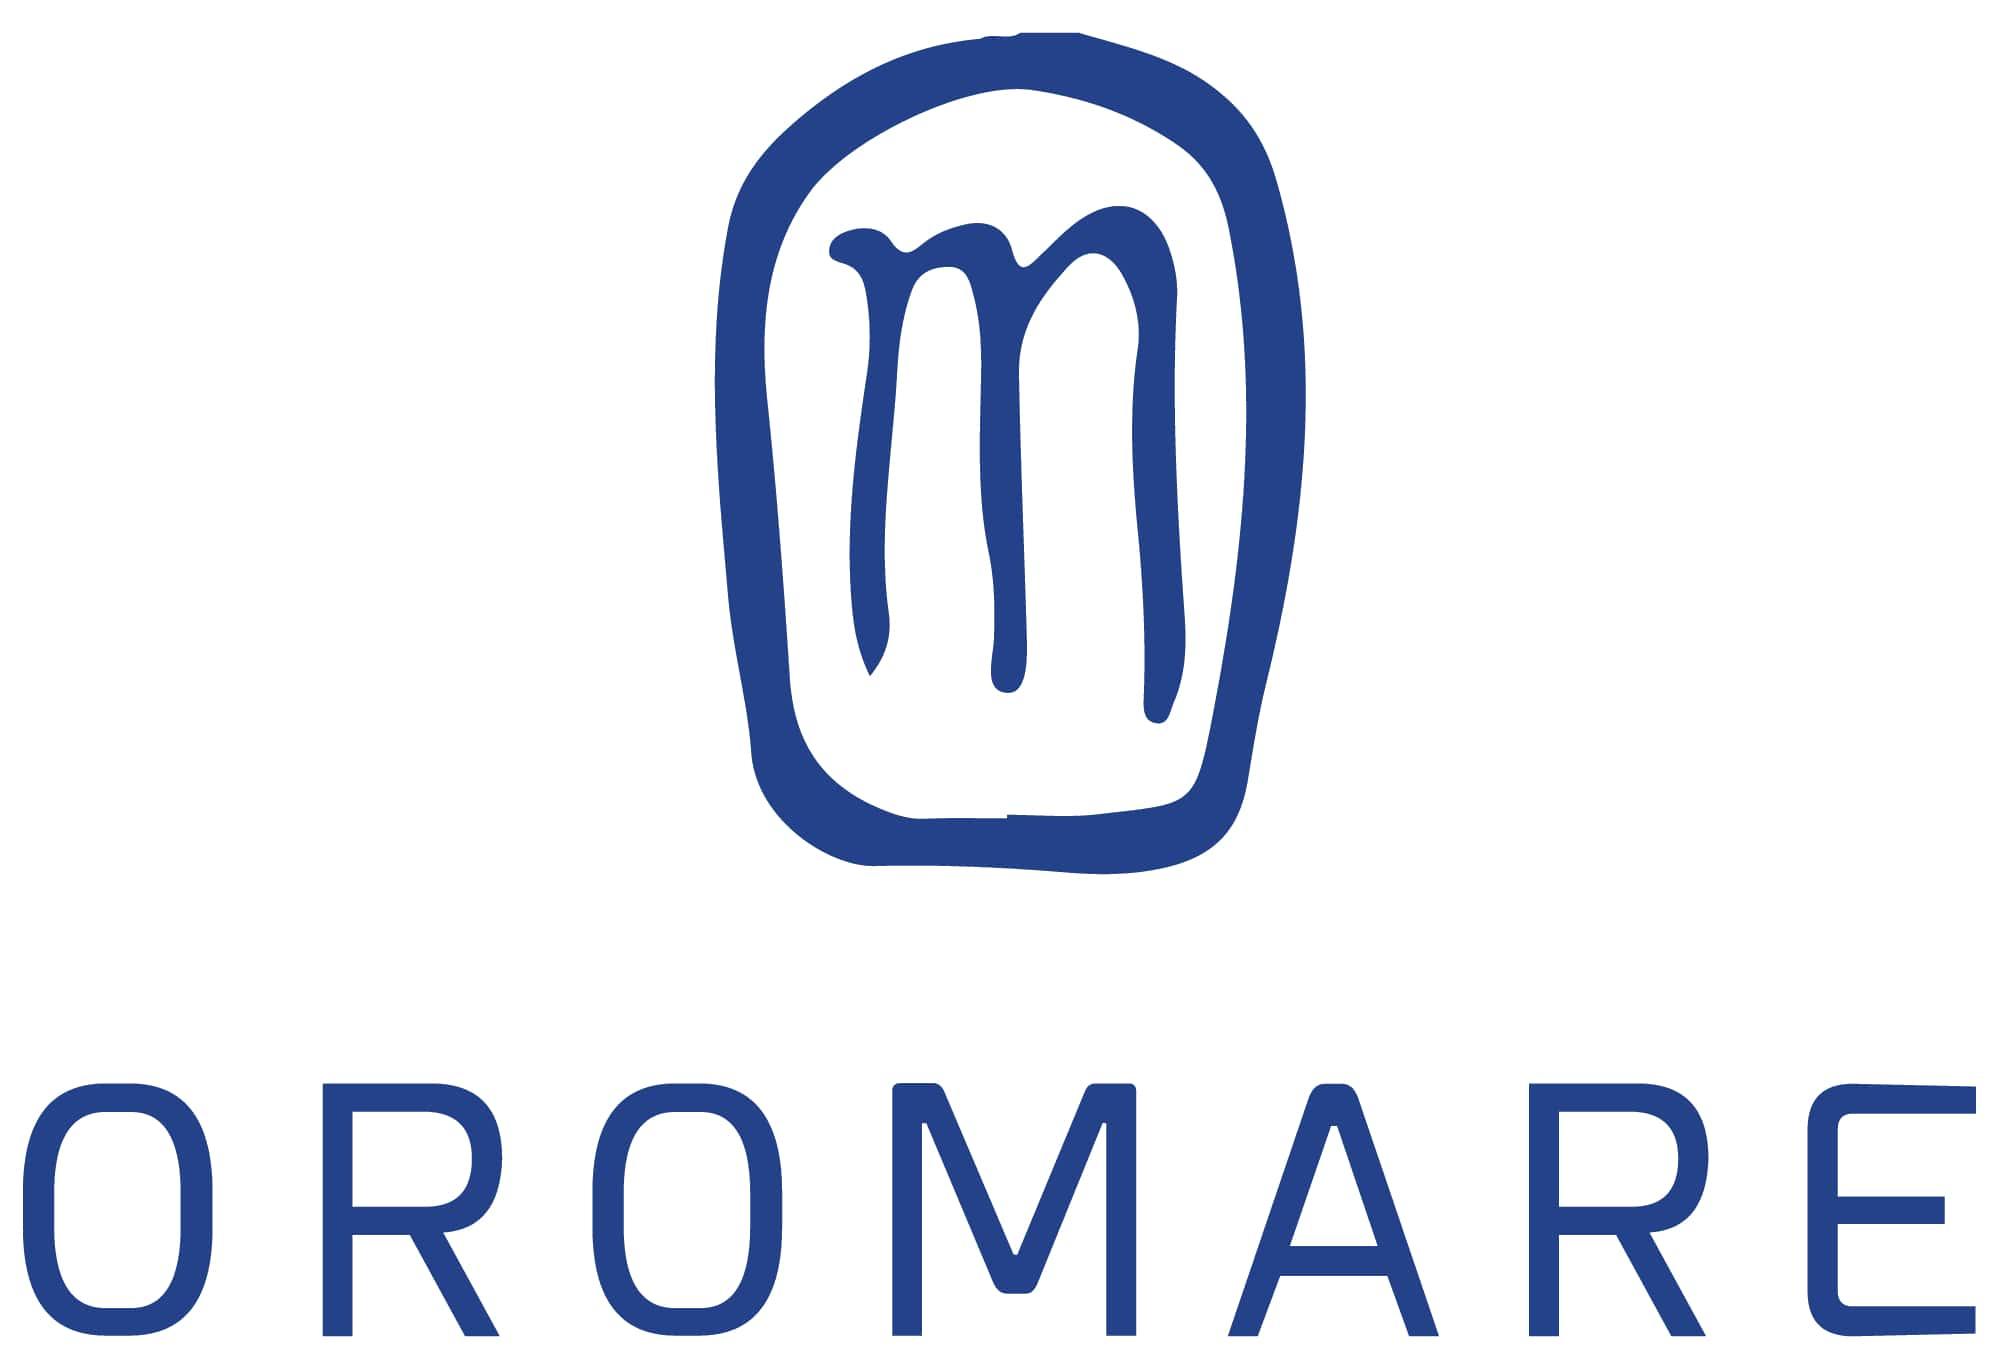 Oromare